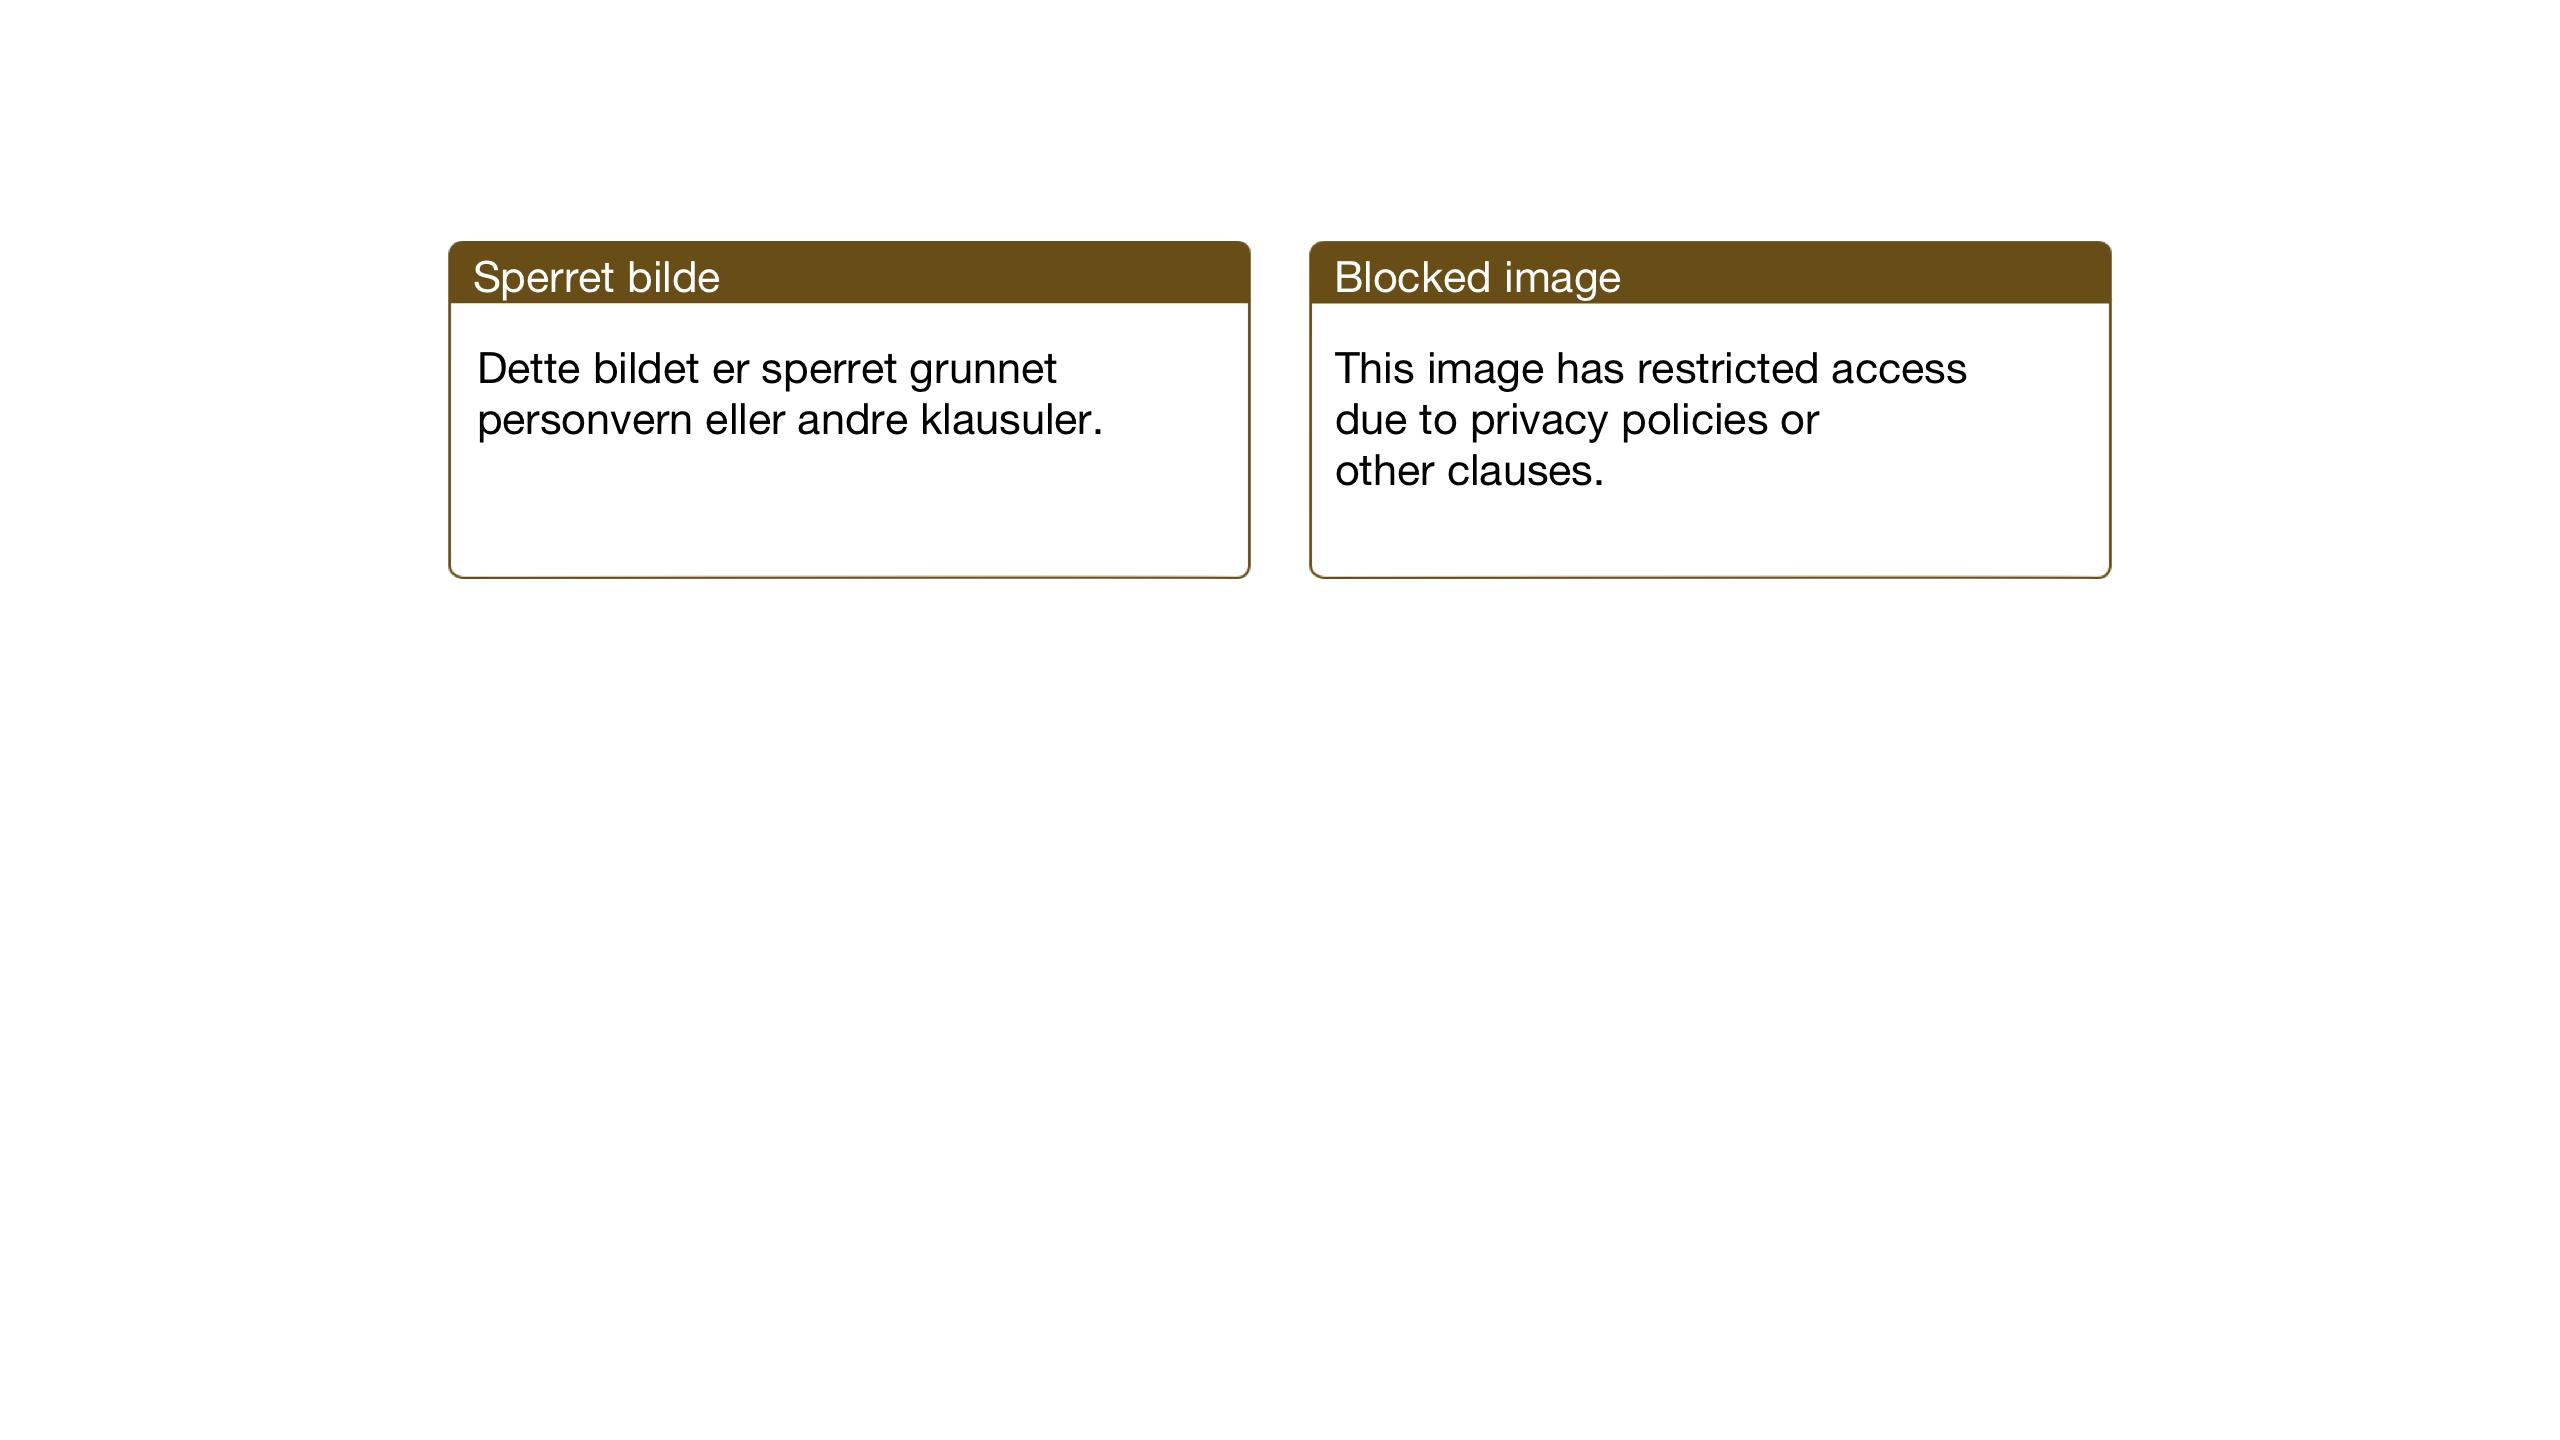 SAT, Ministerialprotokoller, klokkerbøker og fødselsregistre - Sør-Trøndelag, 611/L0357: Klokkerbok nr. 611C05, 1938-1942, s. 4